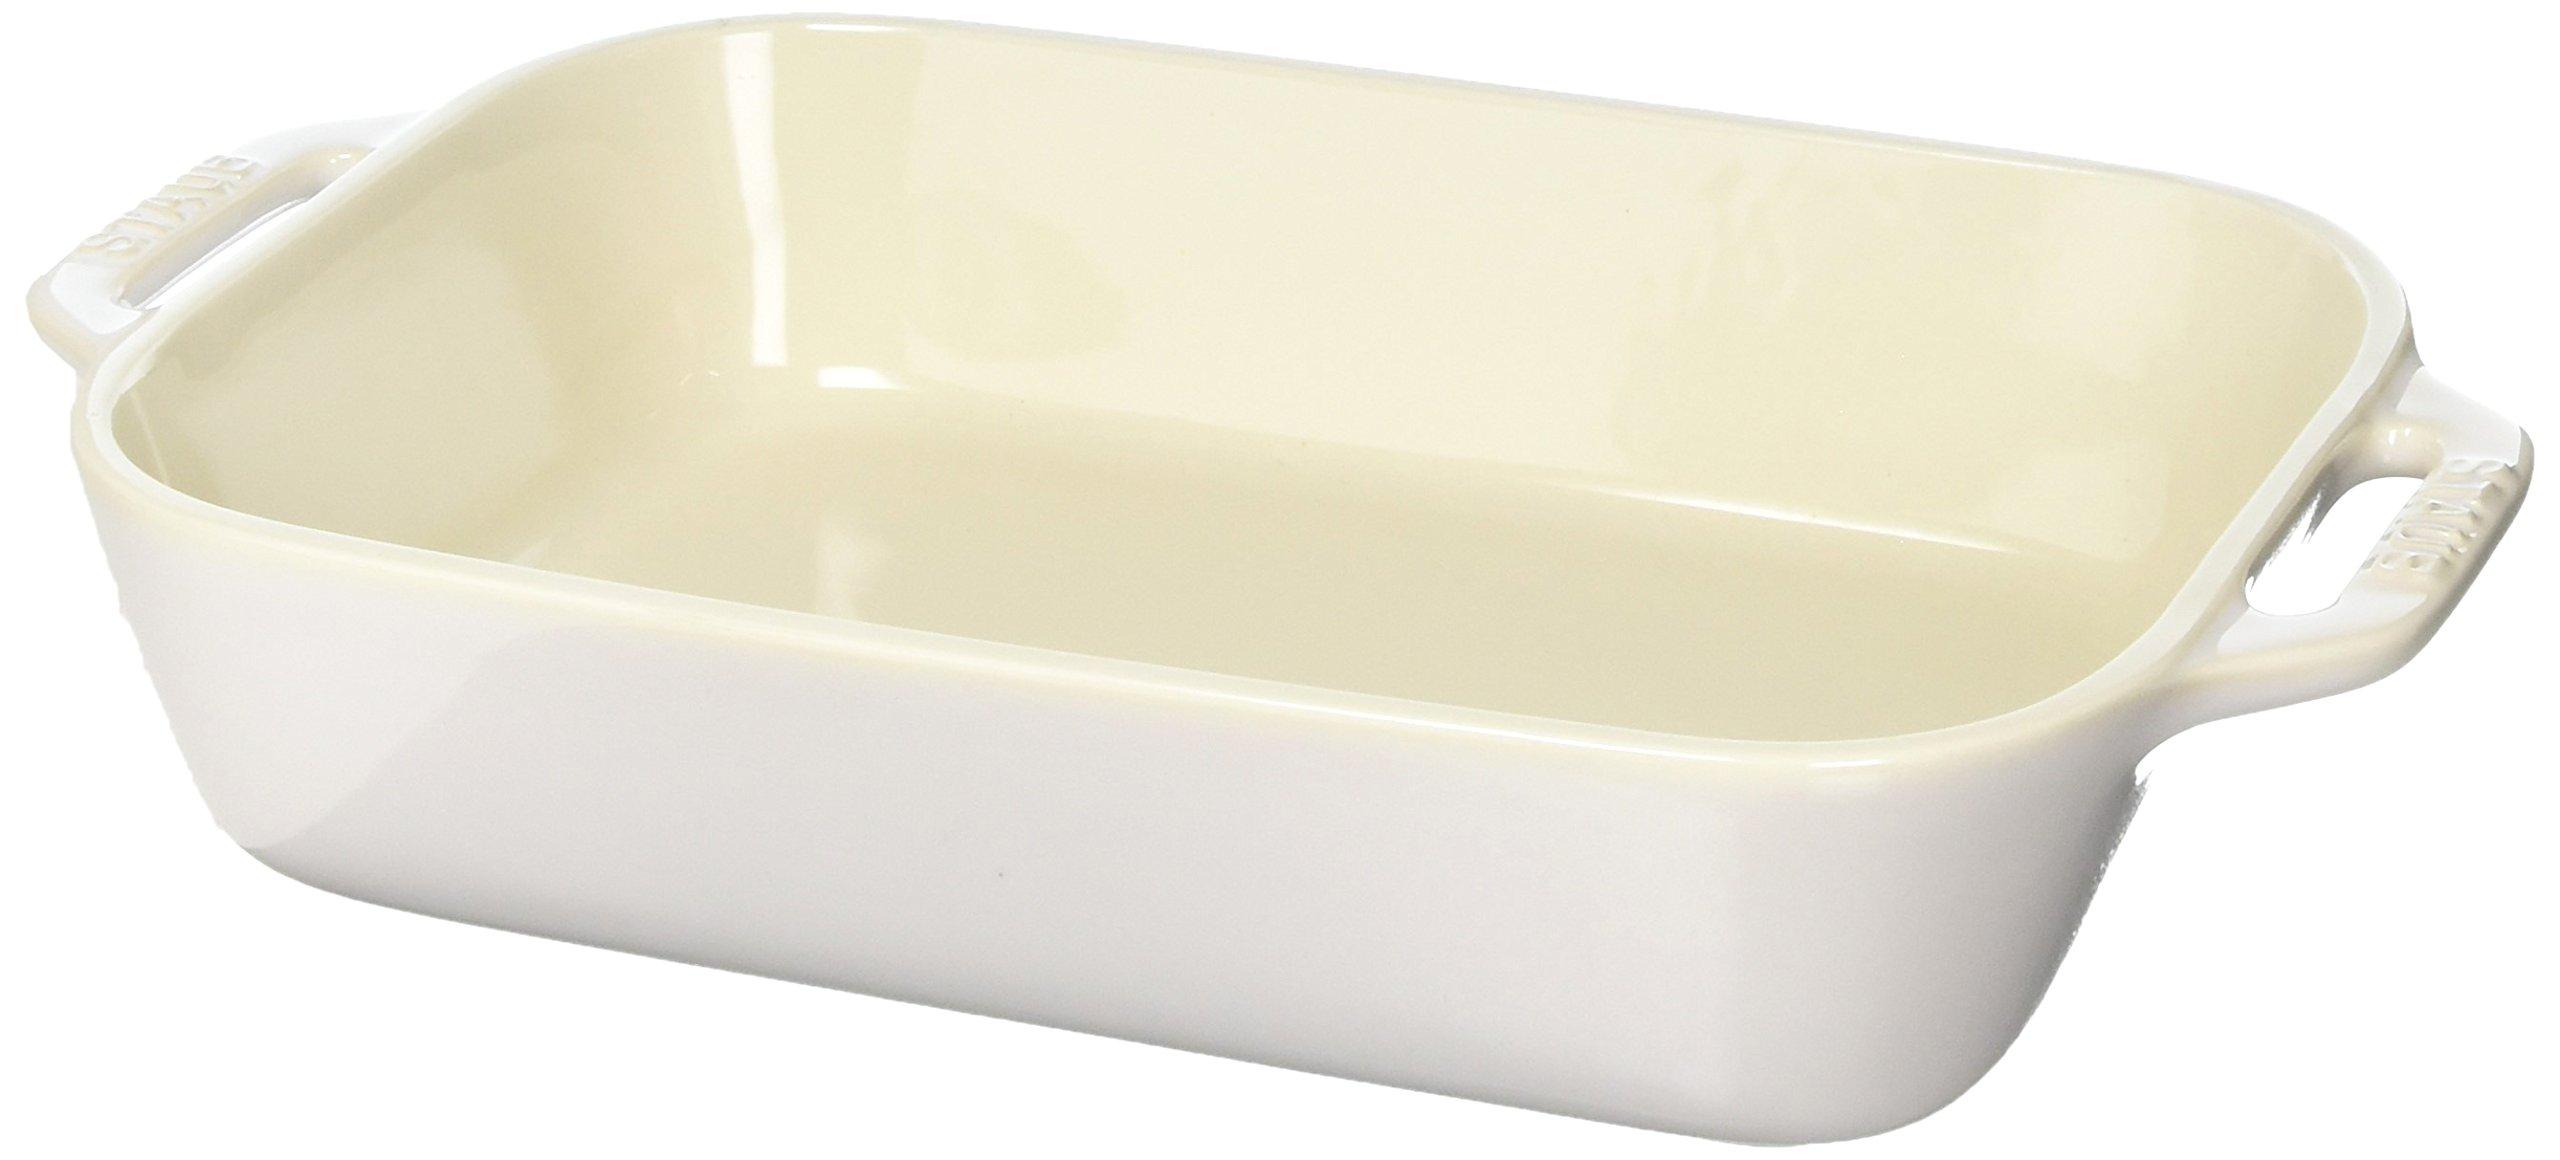 Staub 40511-883 Ceramics Rectangular Baking Dish, 10.5x7.5-inch, Rustic Ivory by STAUB (Image #2)